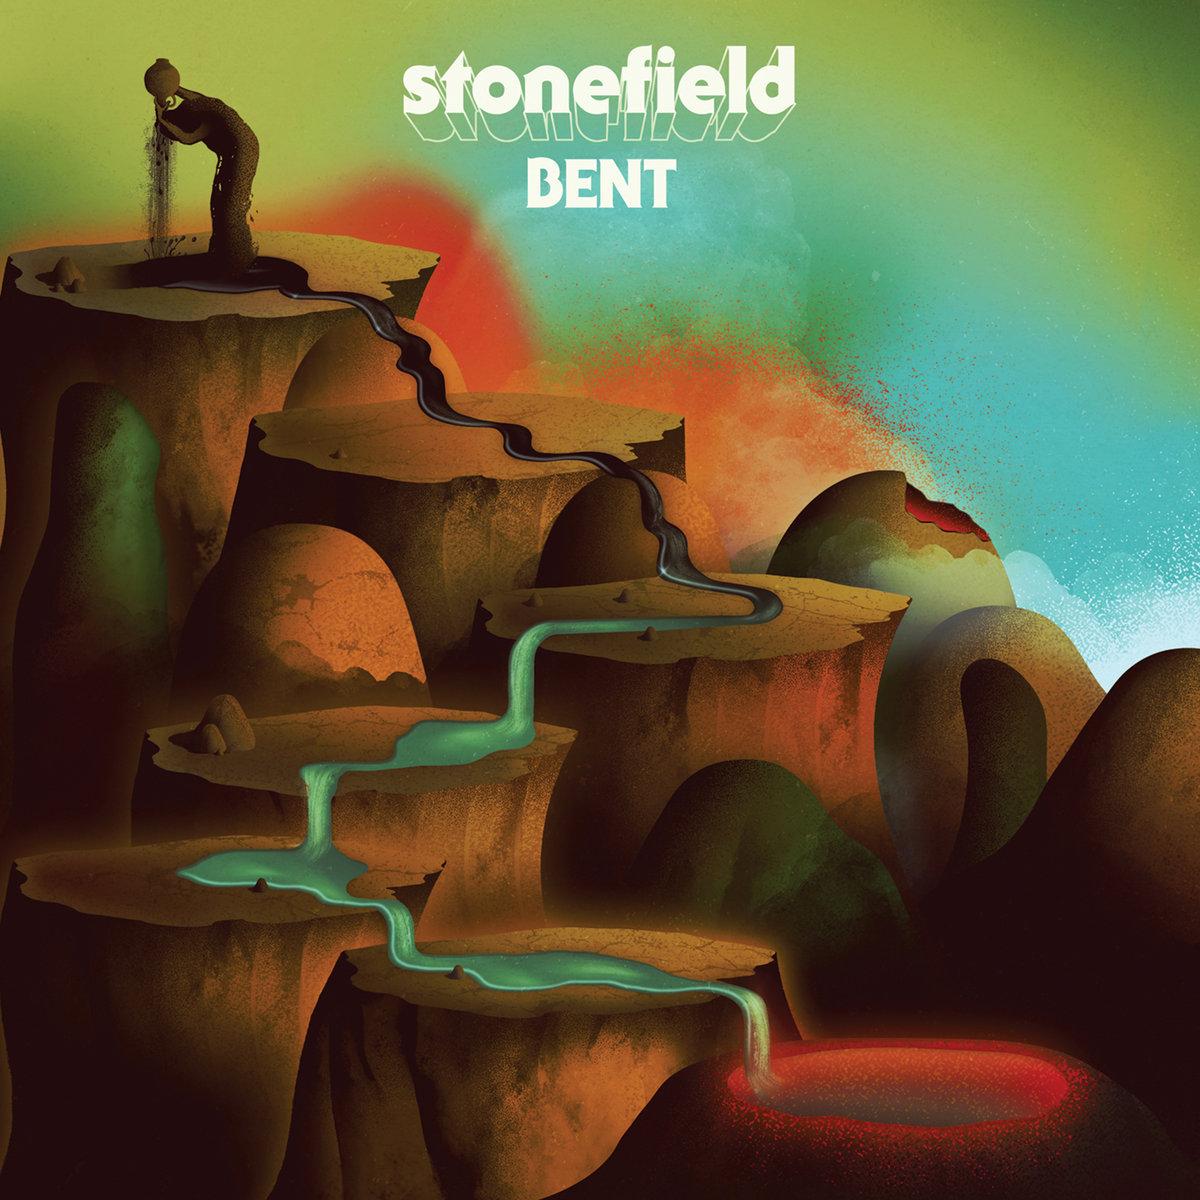 Stonefield - Bent [LP]